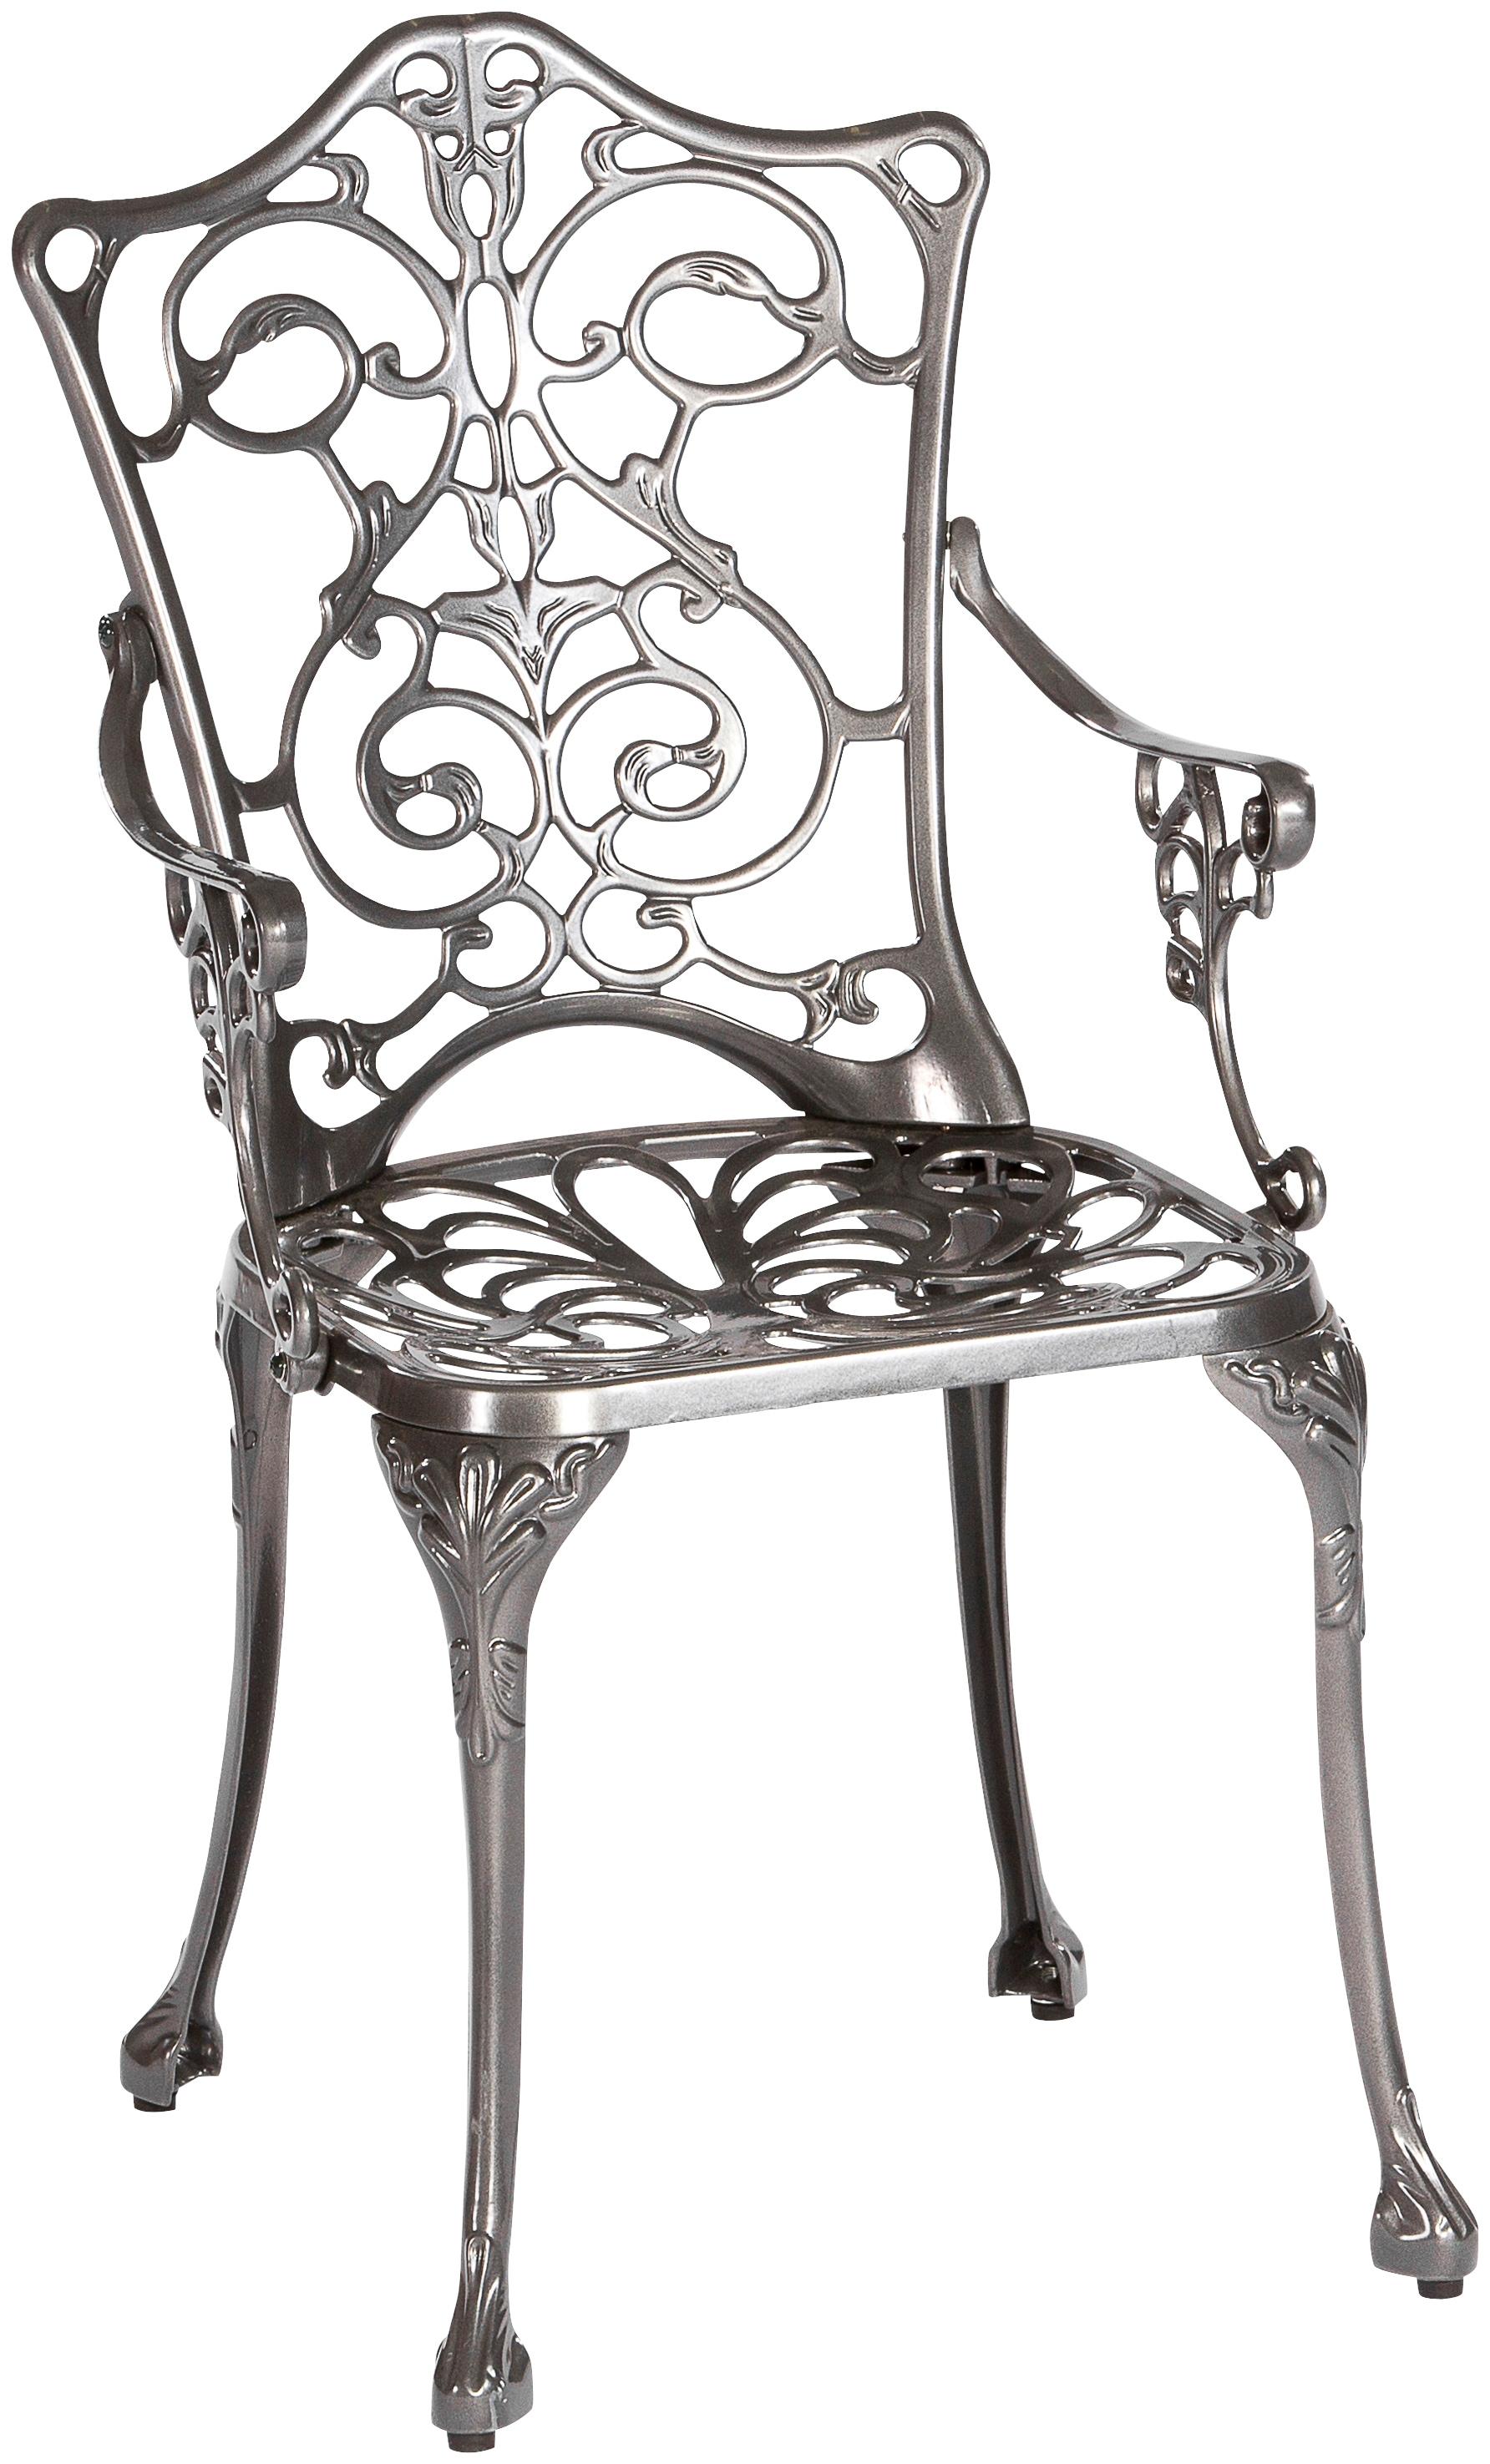 schwarz aluminium gartenst hle online kaufen m bel suchmaschine. Black Bedroom Furniture Sets. Home Design Ideas